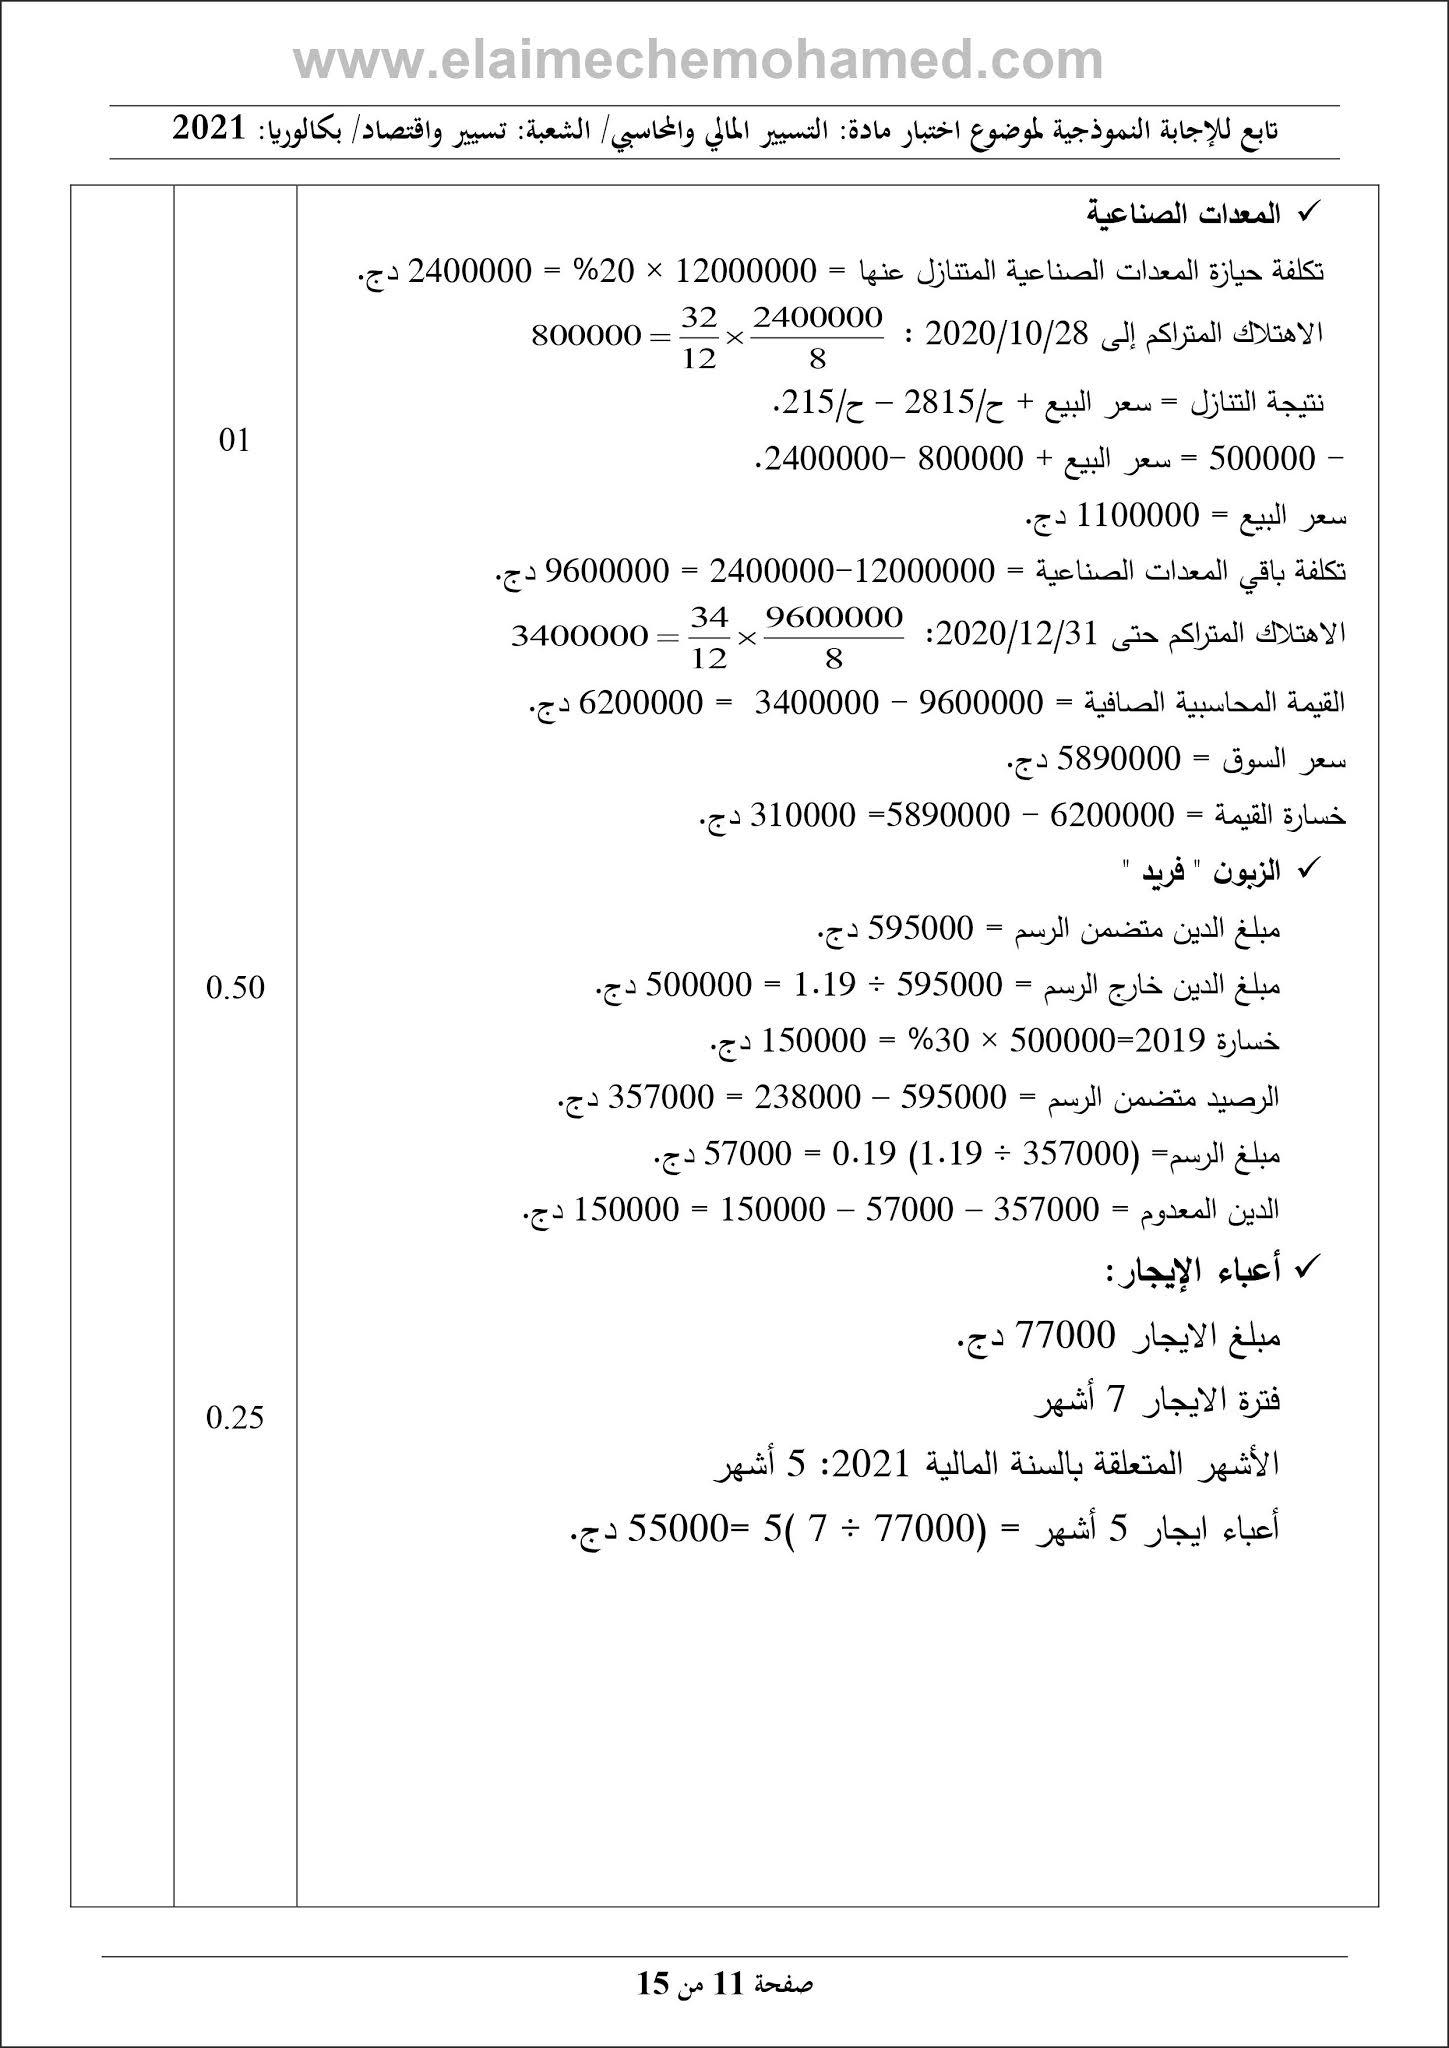 امتحان مادة التسيير المحاسبي والمالي